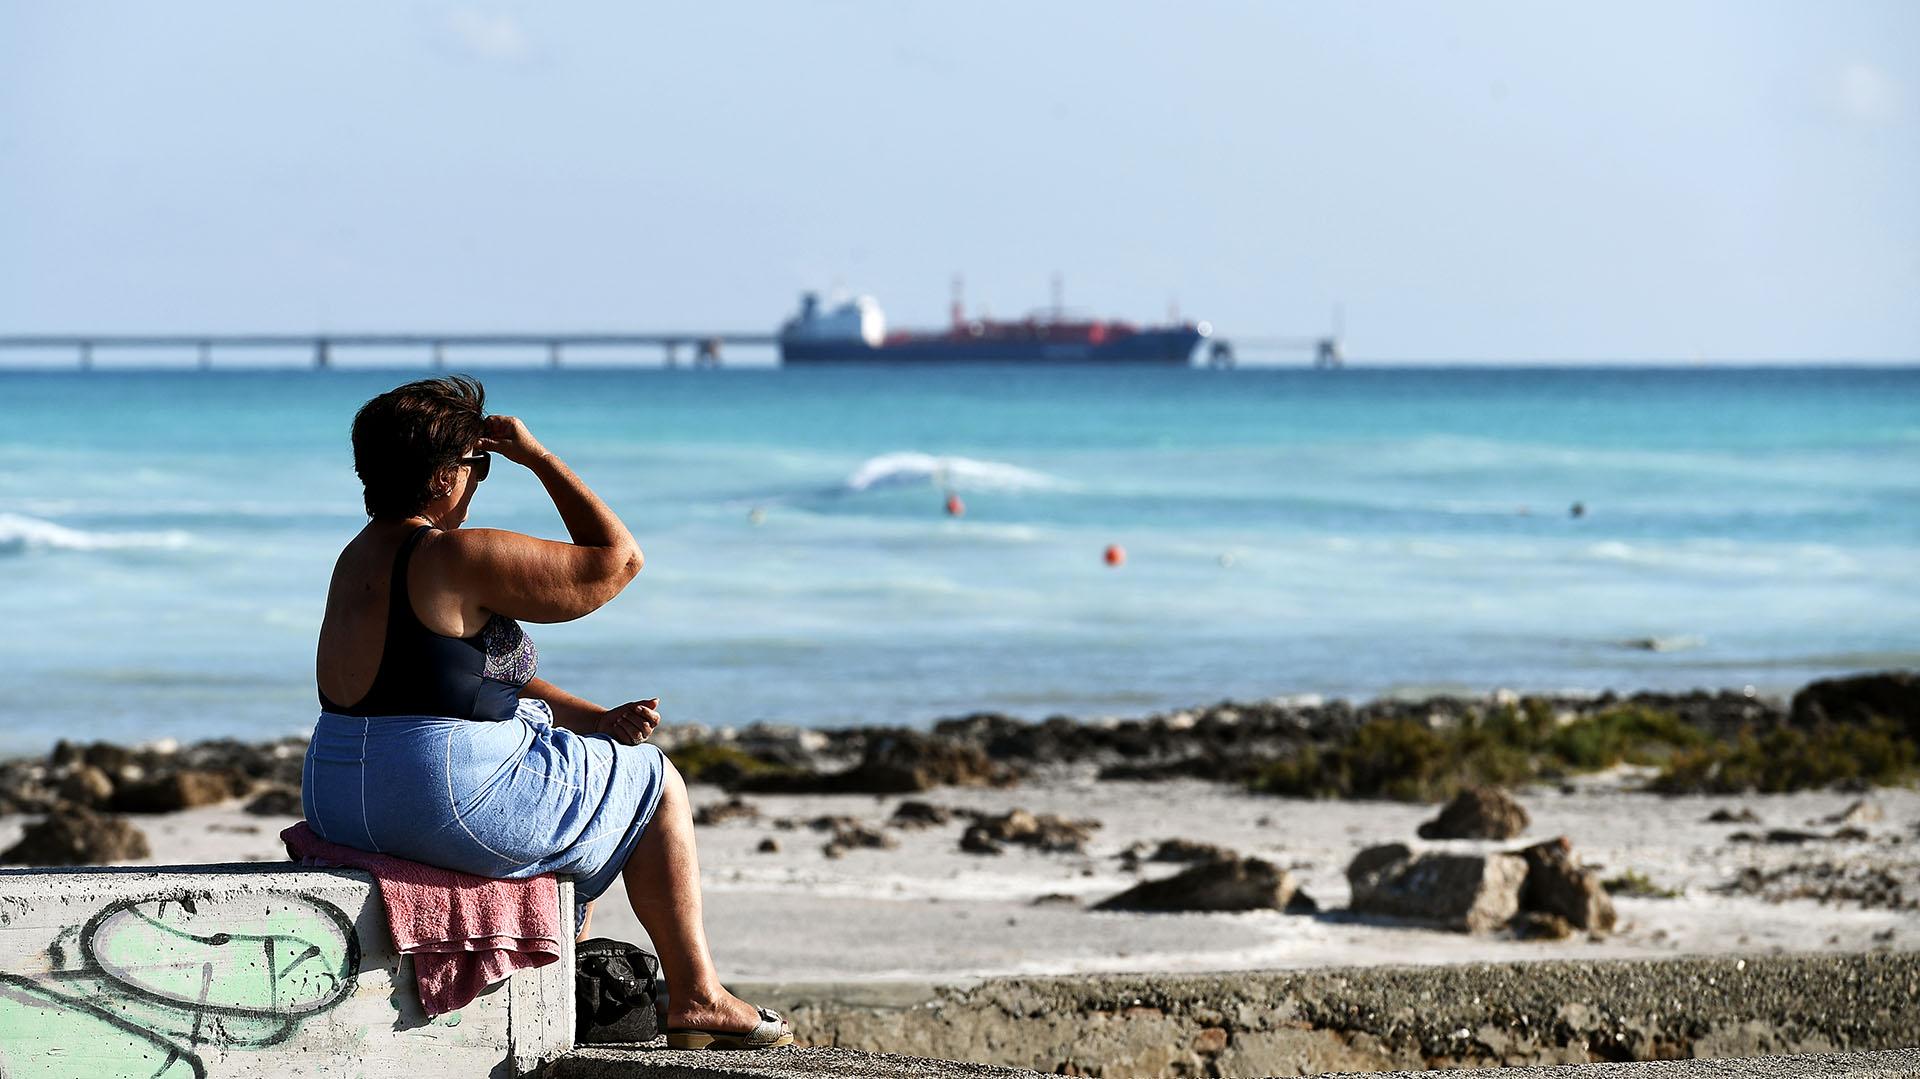 """Una mujer mira en la playa """"Spiagge Bianche"""" (arena blanca), mientras un barco pasa. (Foto de Vincenzo PINTO / AFP)"""